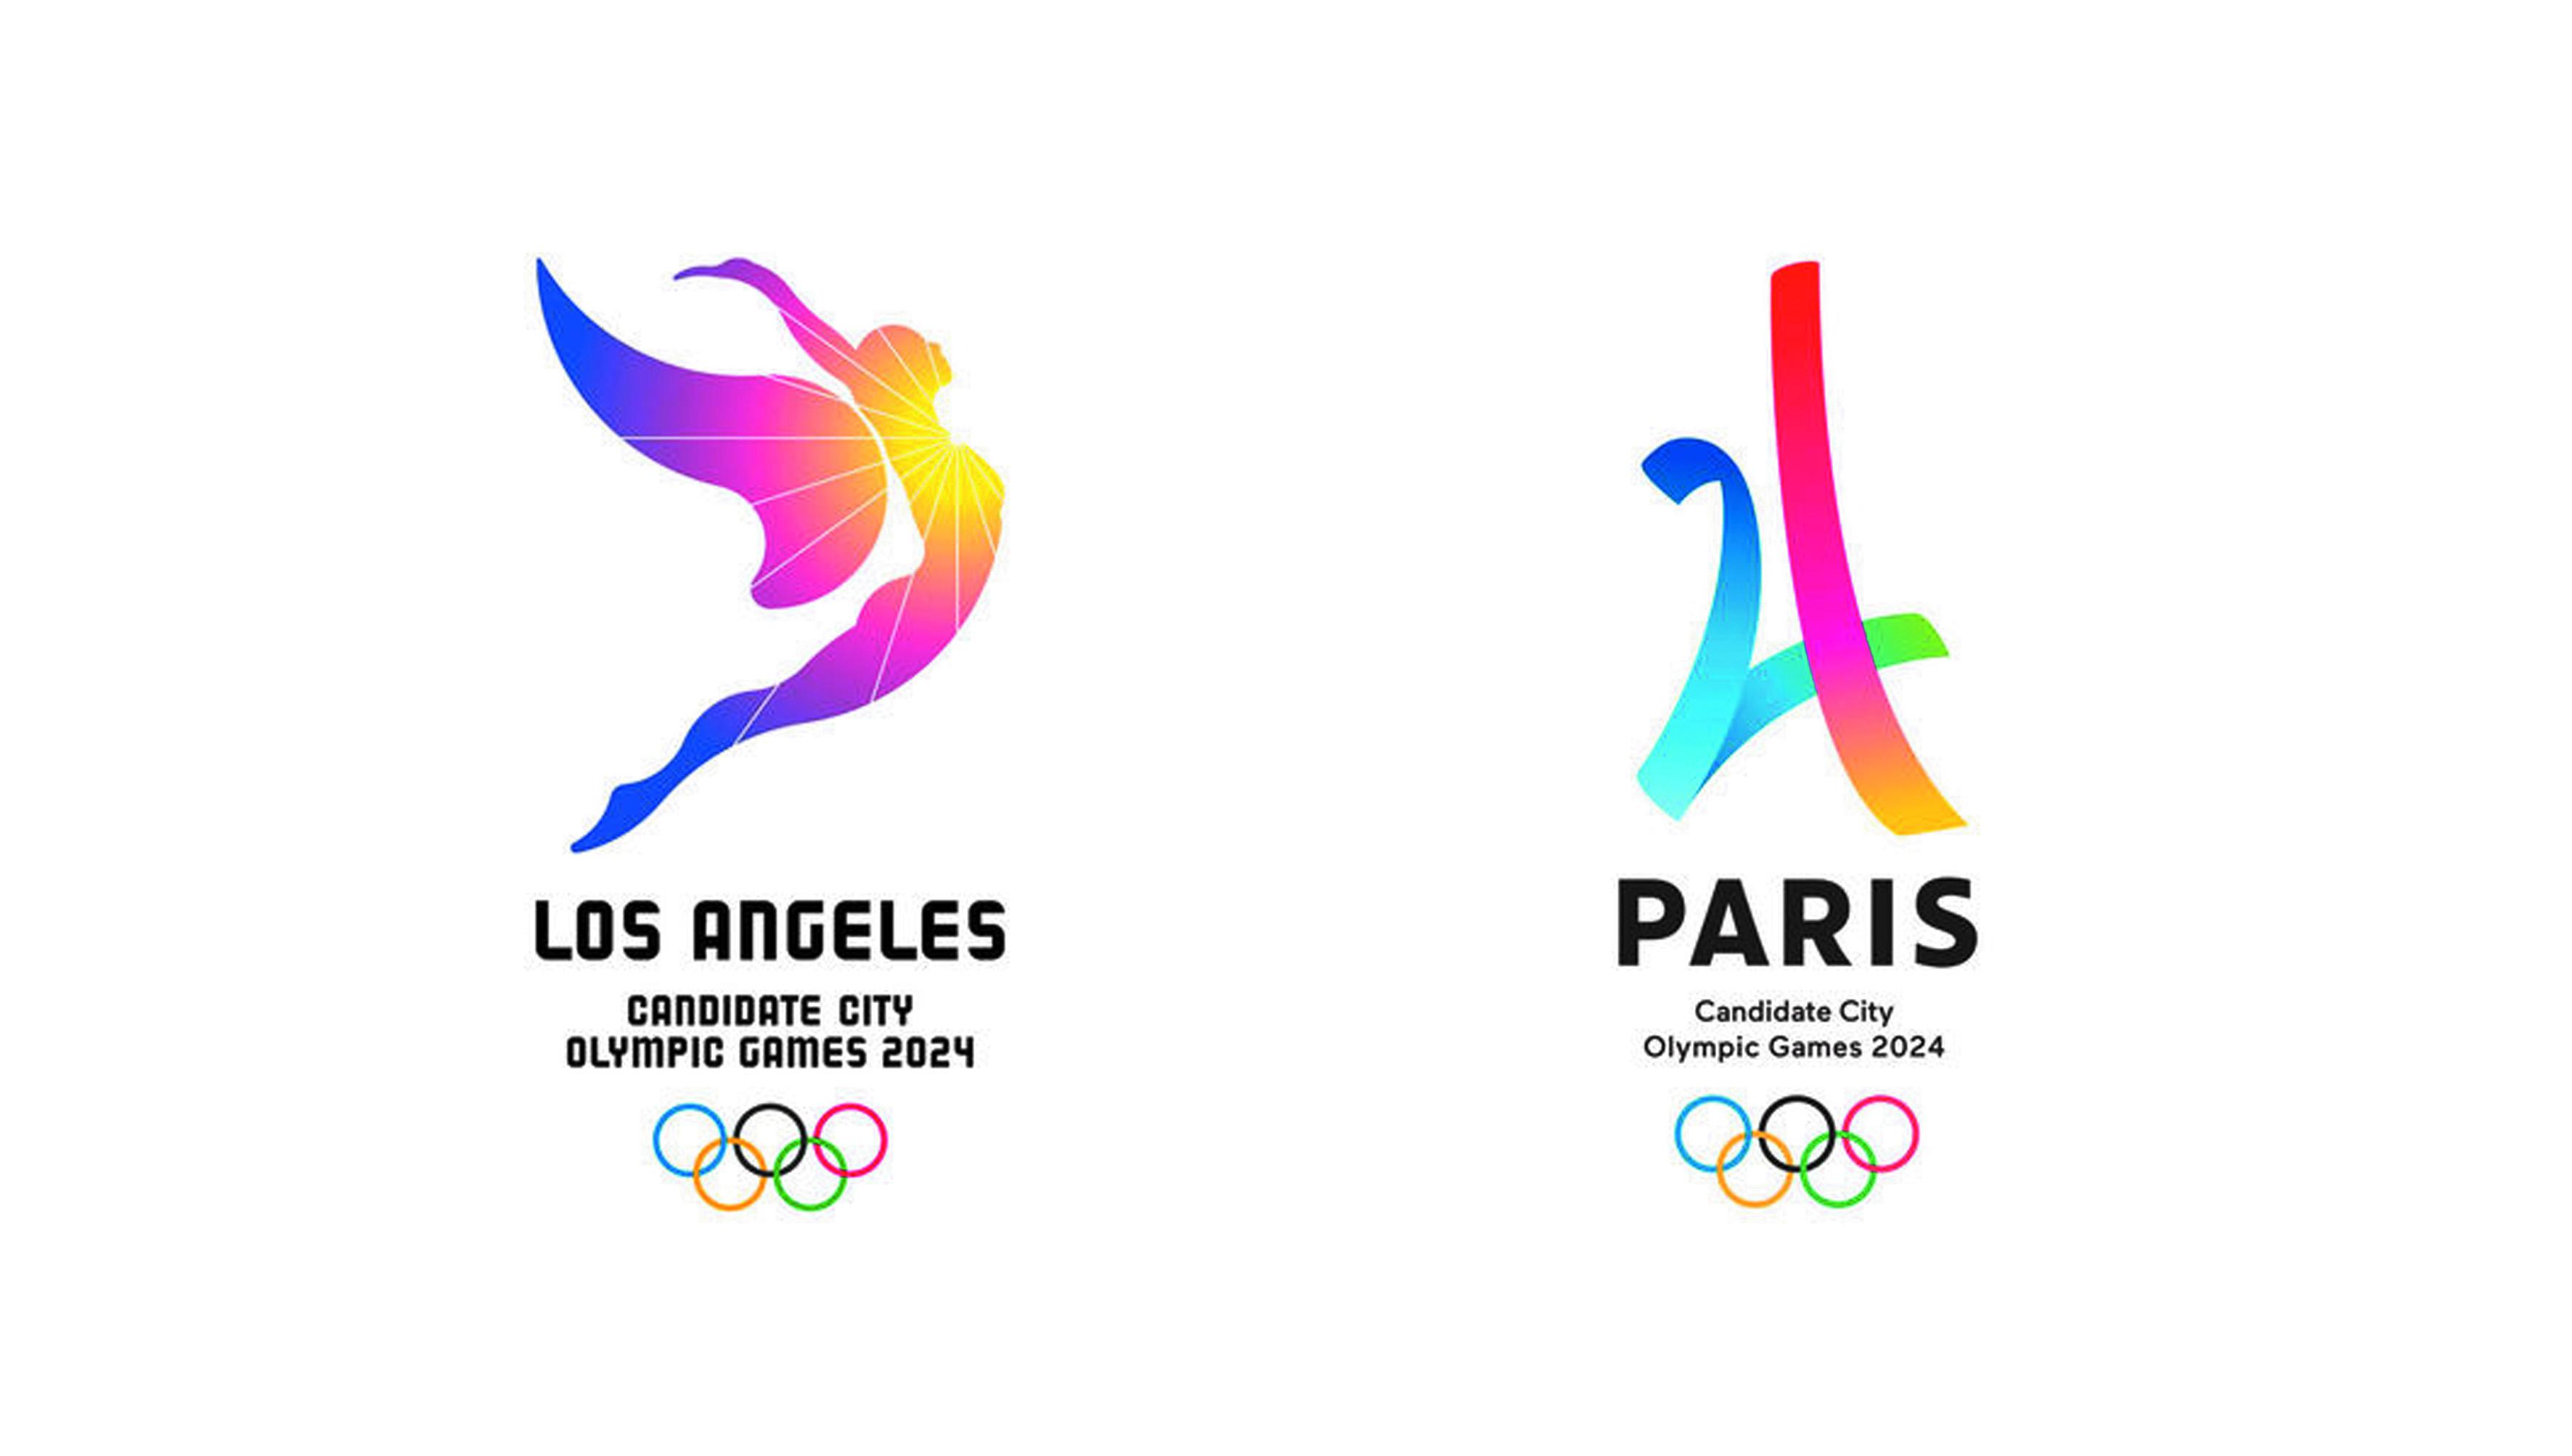 Olympiades  2024/2028 : Paris et Los Angeles auront leurs Jeux, mais quand ?